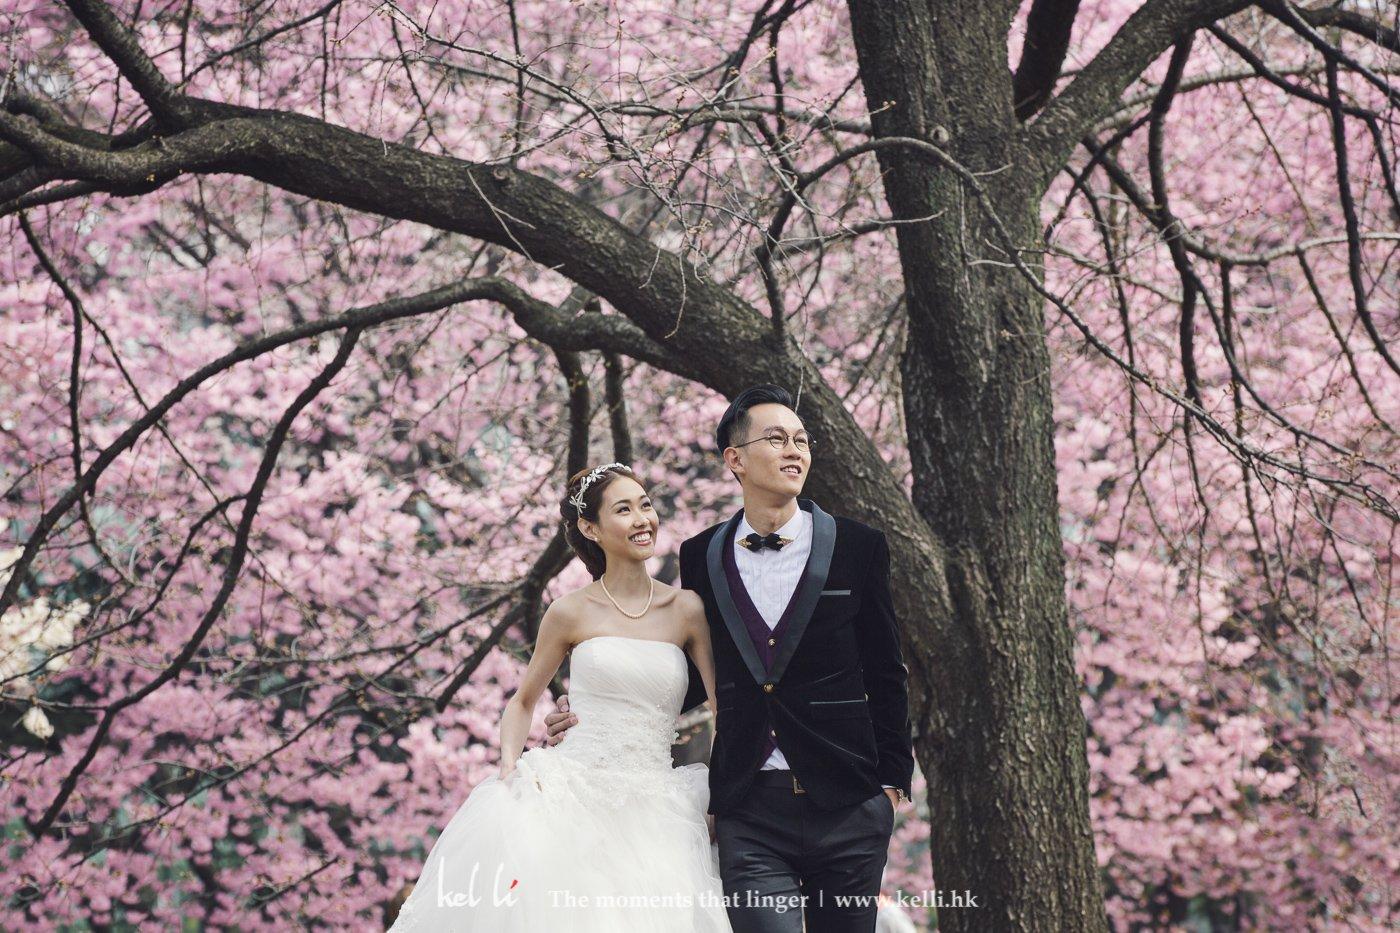 櫻花淡淡的粉紅色凝造出浪漫感覺,用來作婚紗拍攝的背景確實是不錯